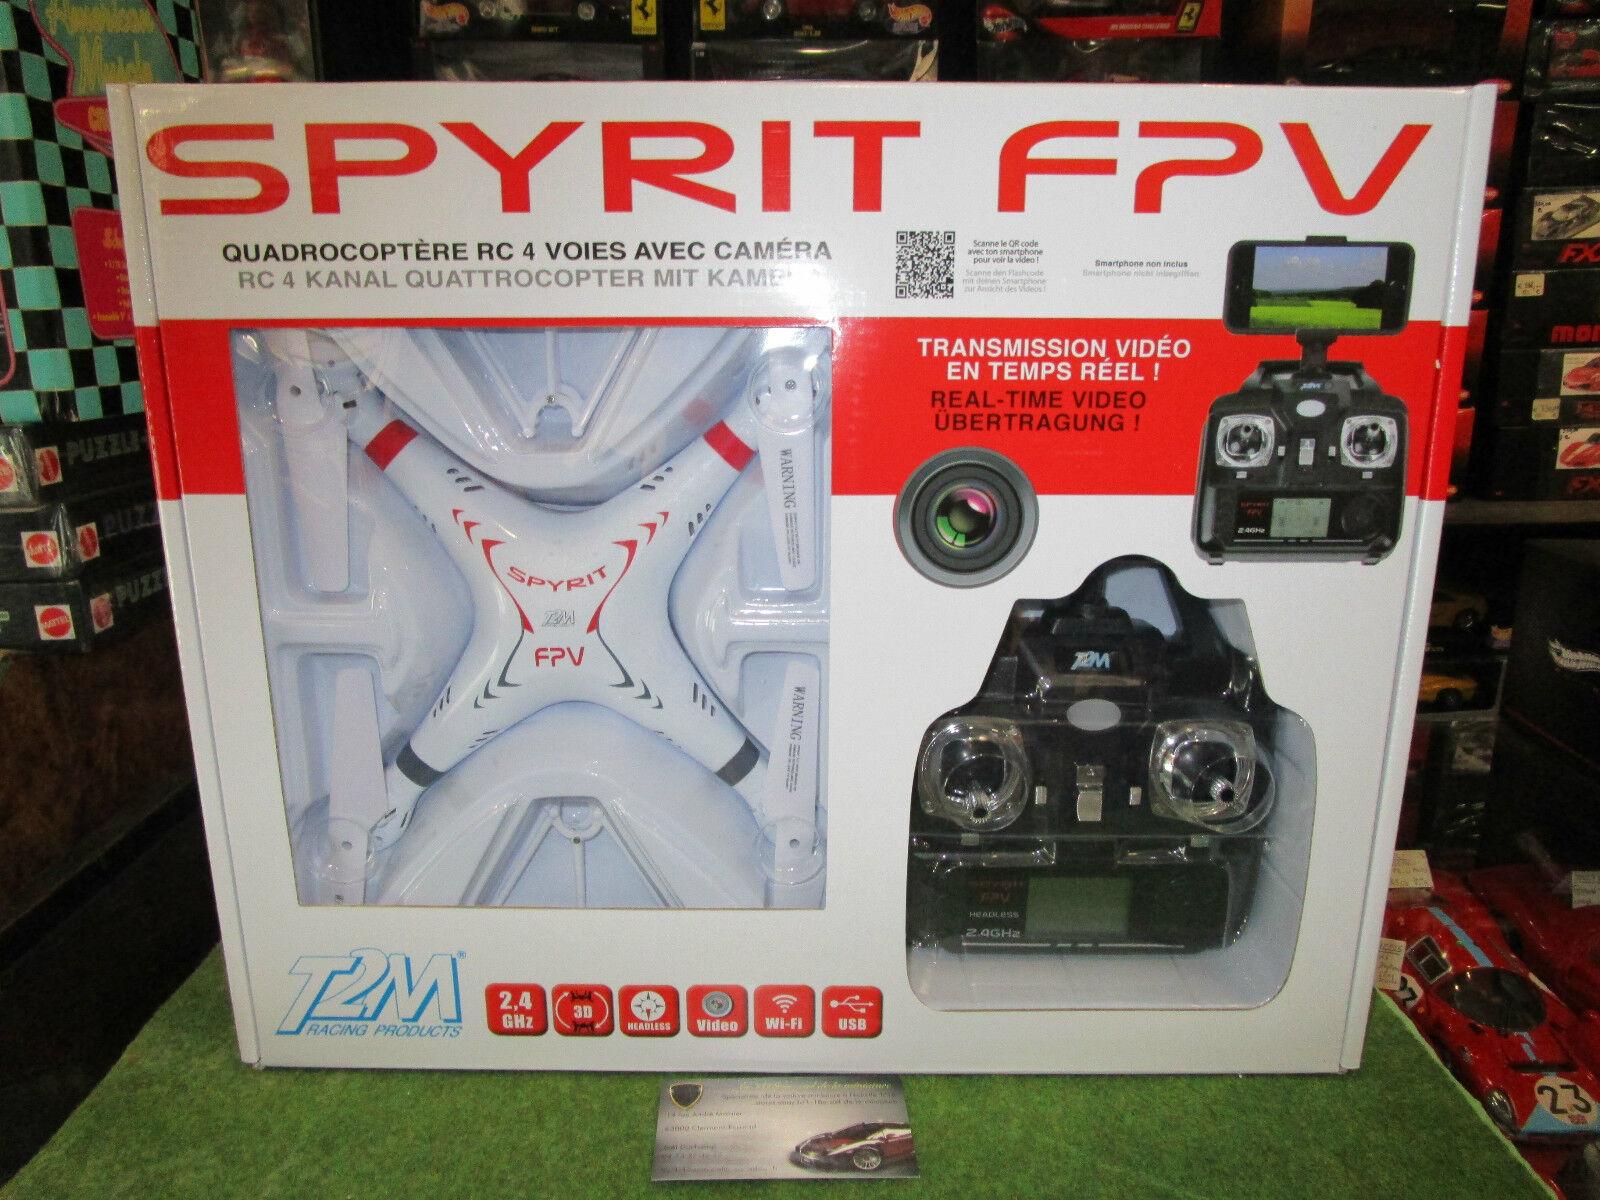 DRONE SPYRIT FVP QUADROCOPTERE RC 4 VOIES AVEC CAMERA T5166